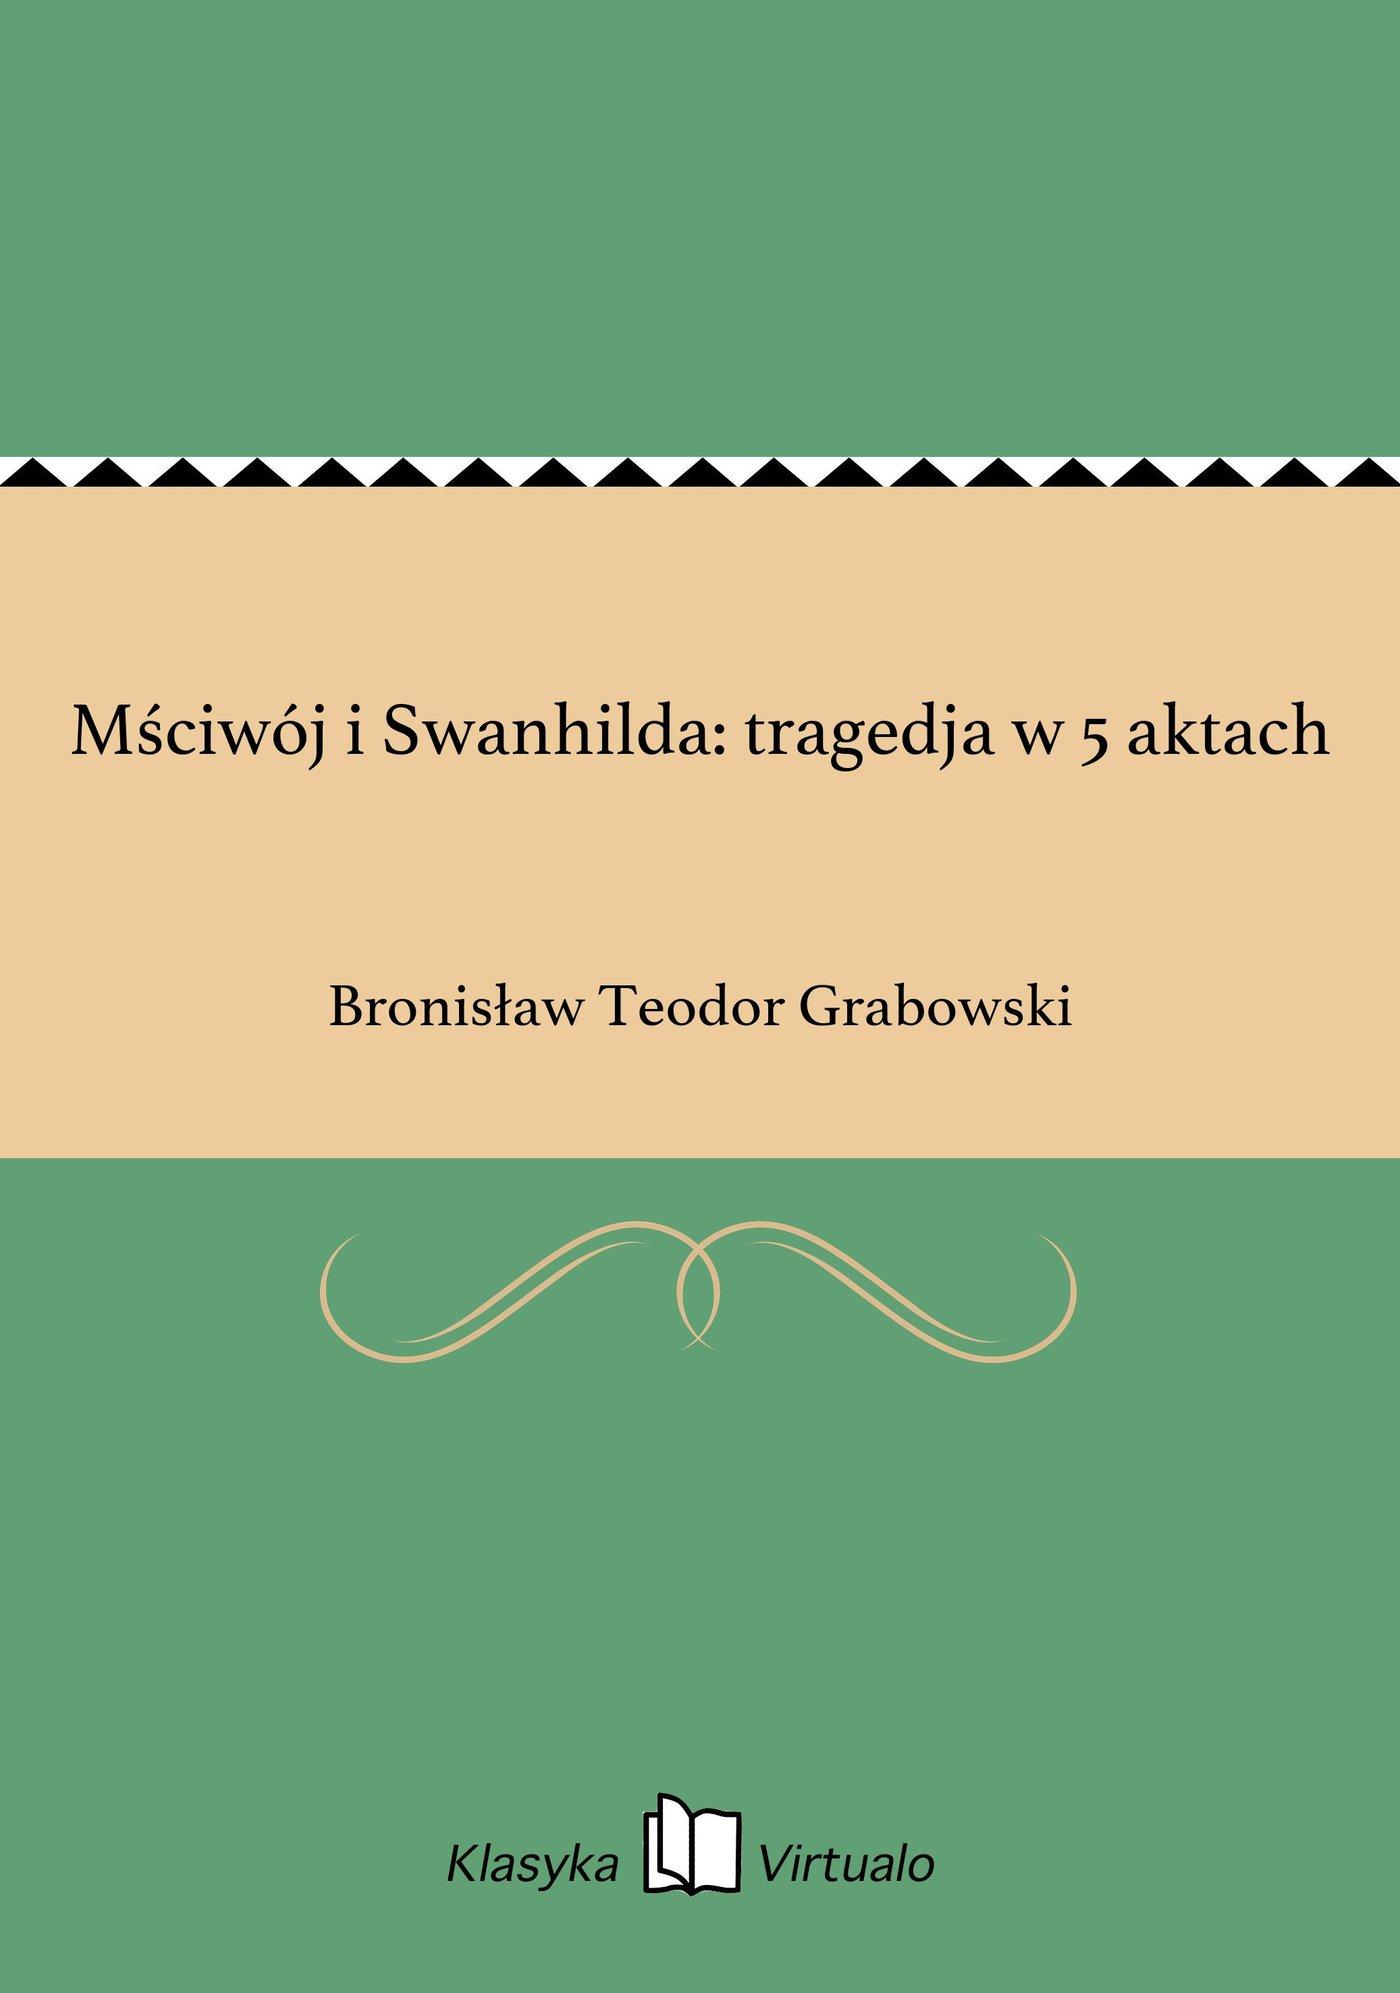 Mściwój i Swanhilda: tragedja w 5 aktach - Ebook (Książka na Kindle) do pobrania w formacie MOBI